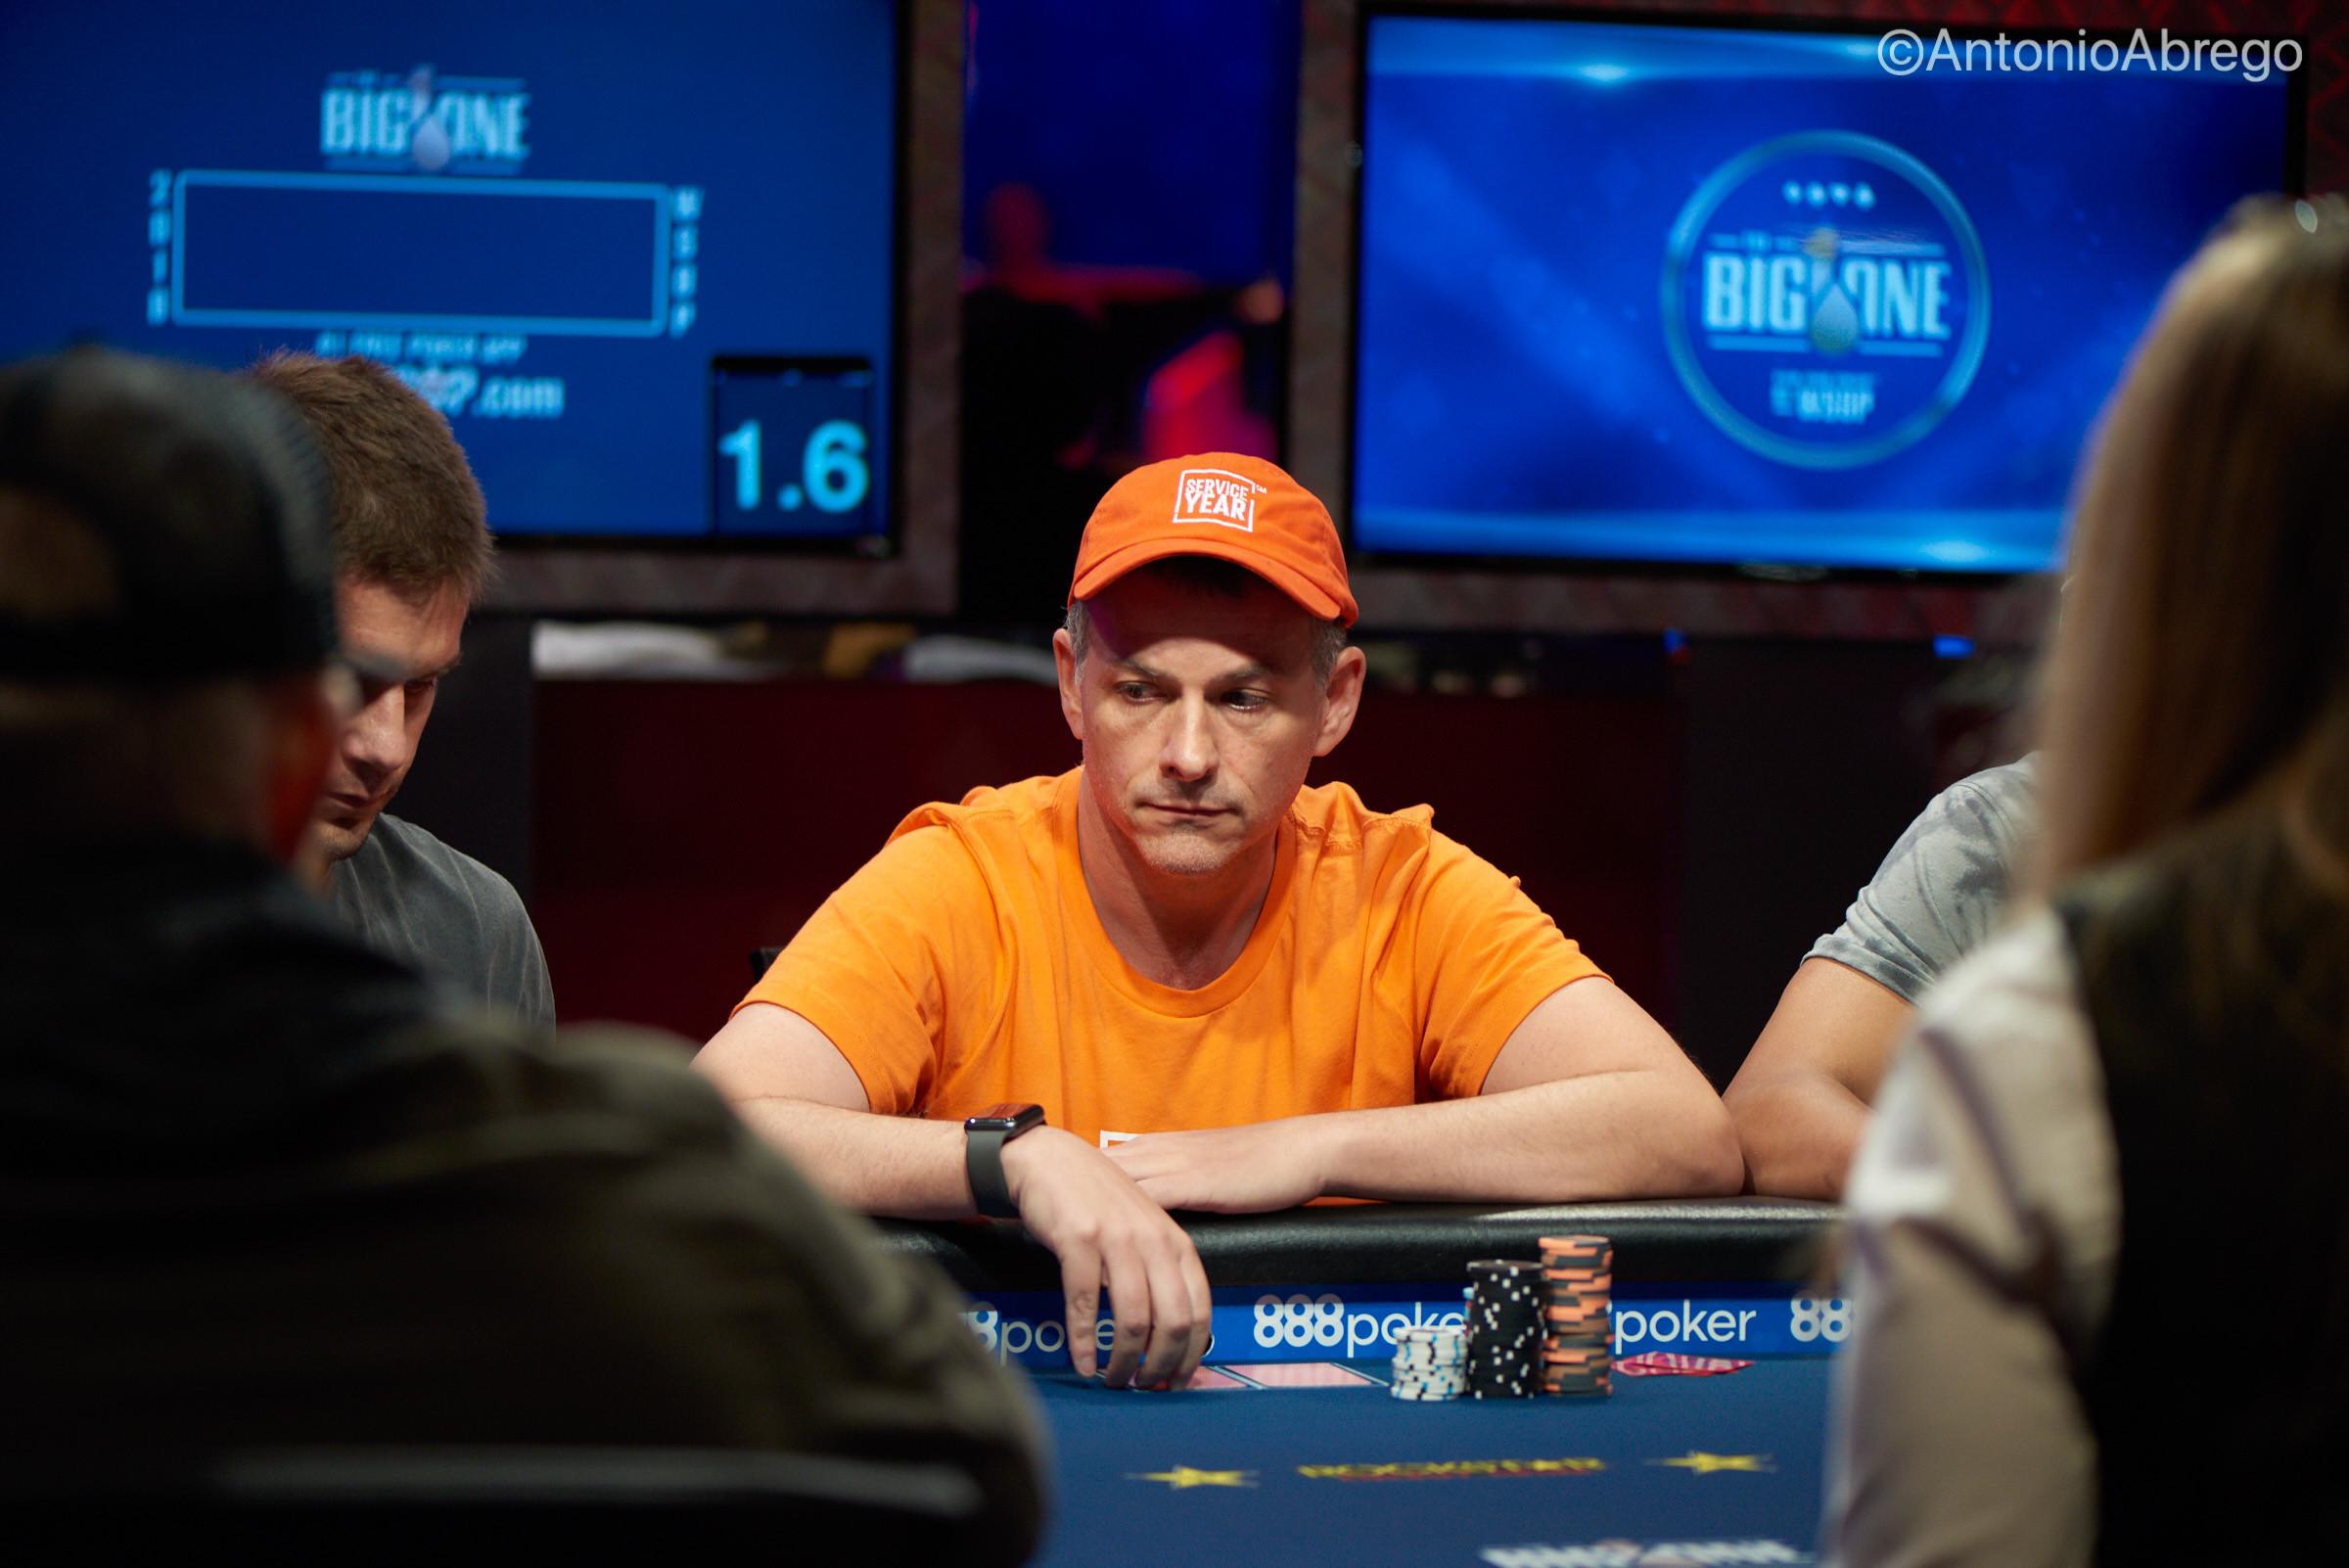 David einhorn poker books poker internet geld verdienen